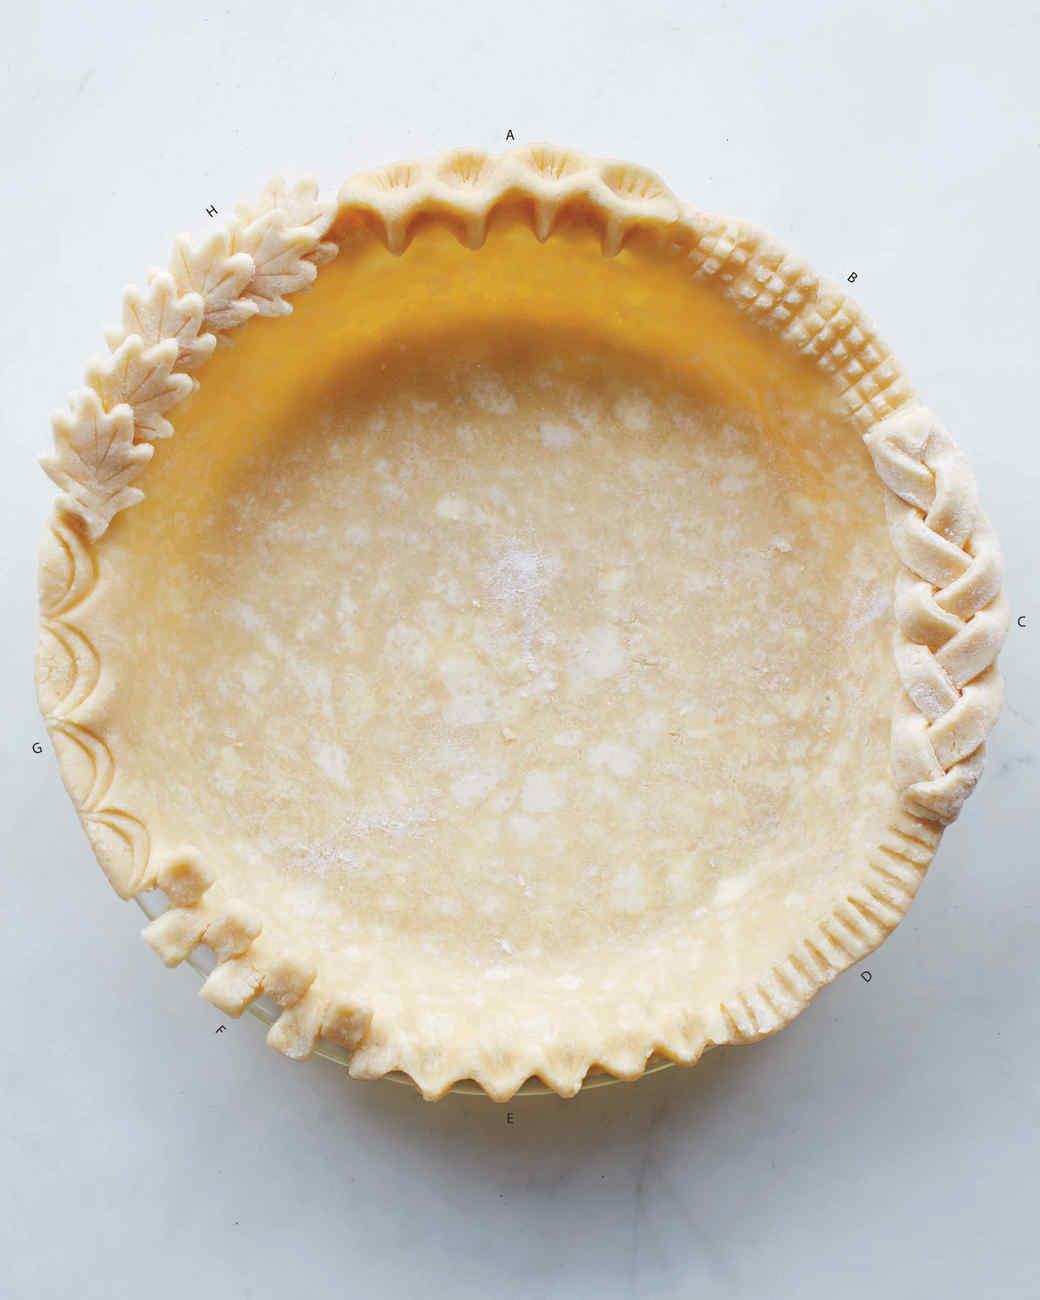 pie-crust-0007-1-md110470.jpg